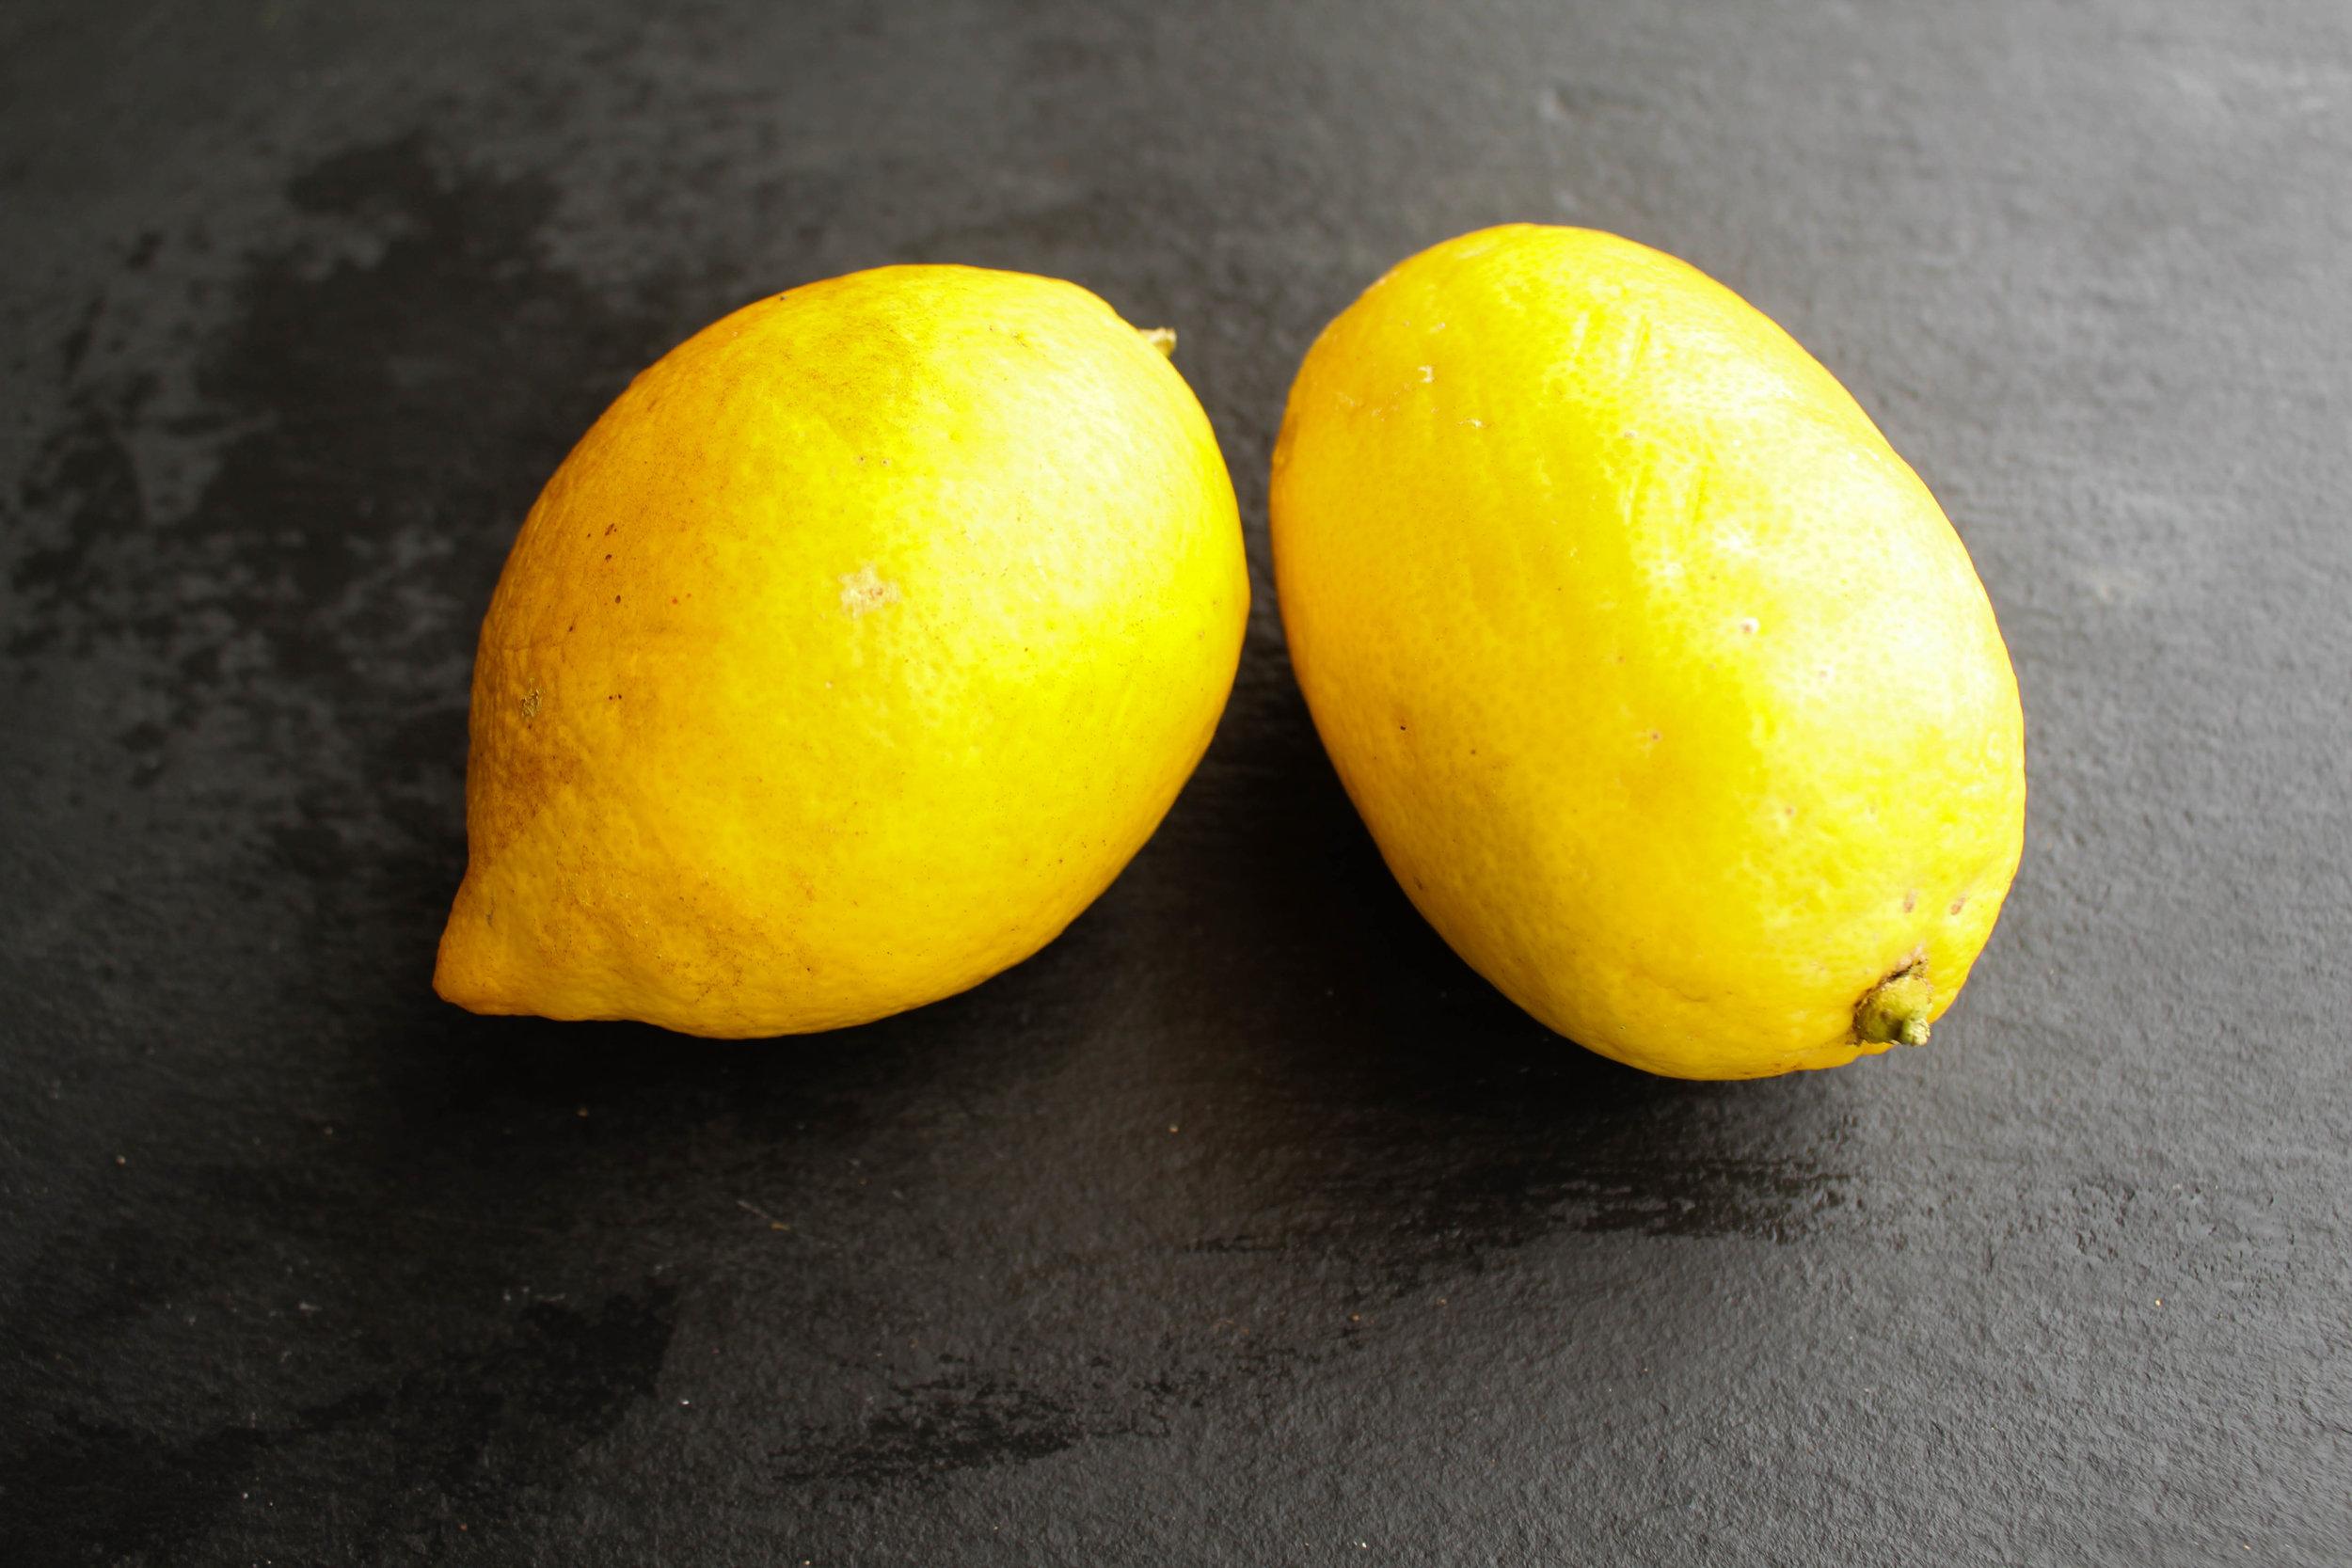 bolo de limão cozido foto.jpg